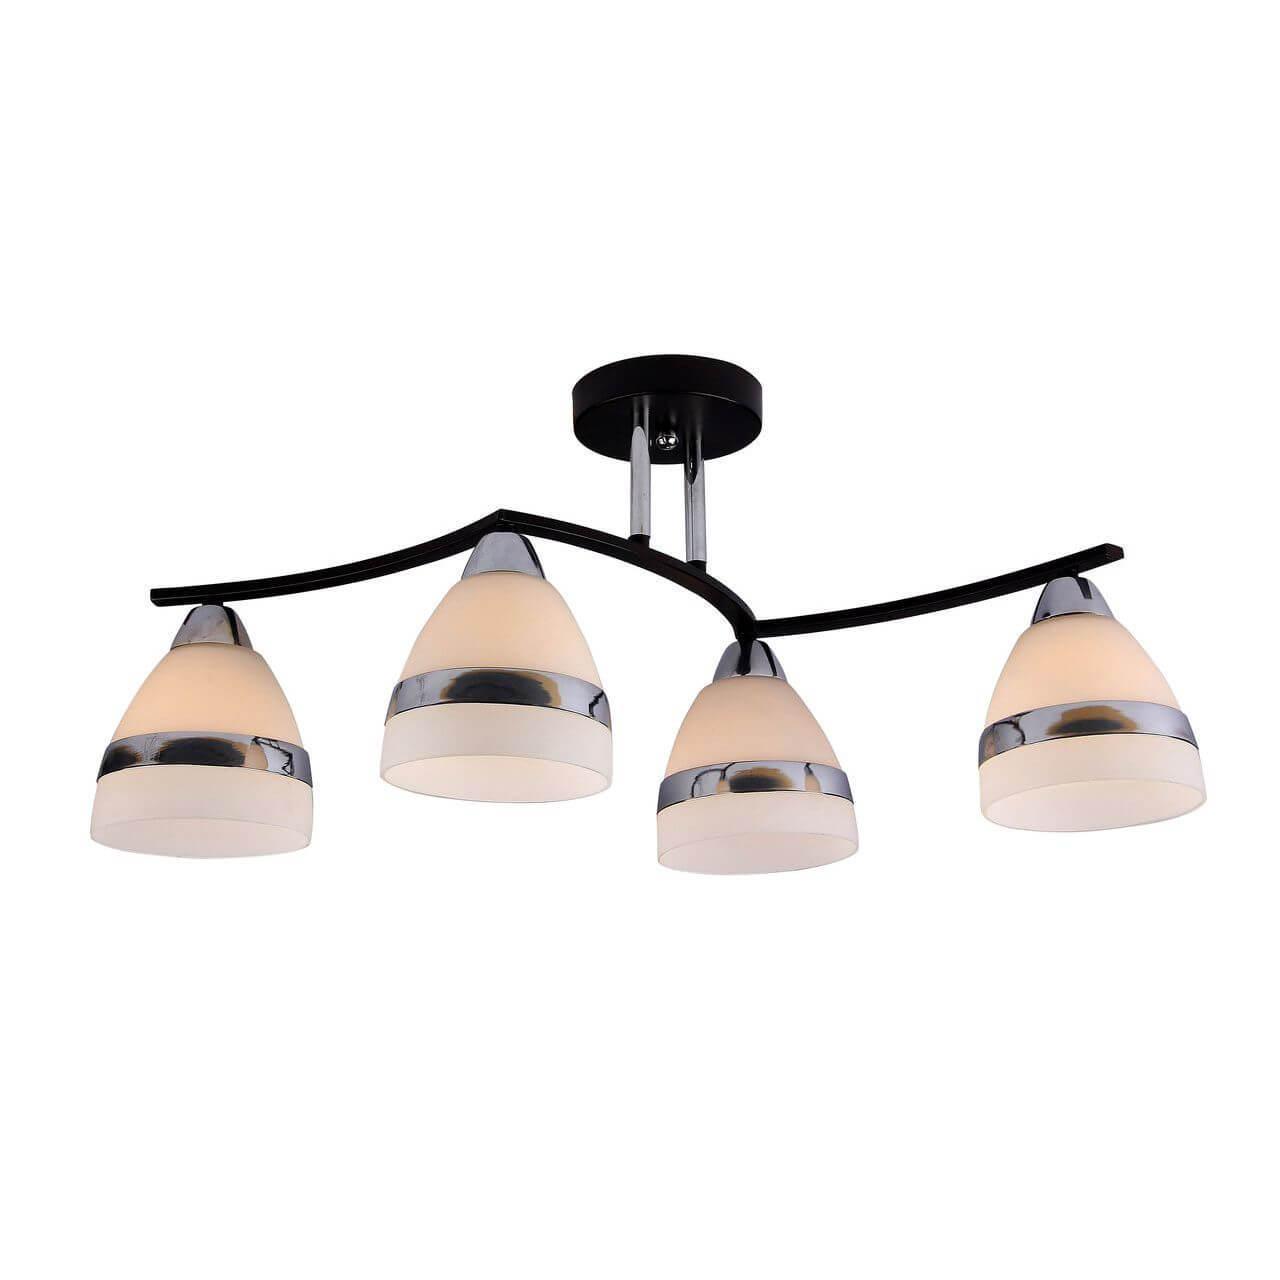 Потолочный светильник SilverLight 227.59.4, E14, 60 Вт все цены